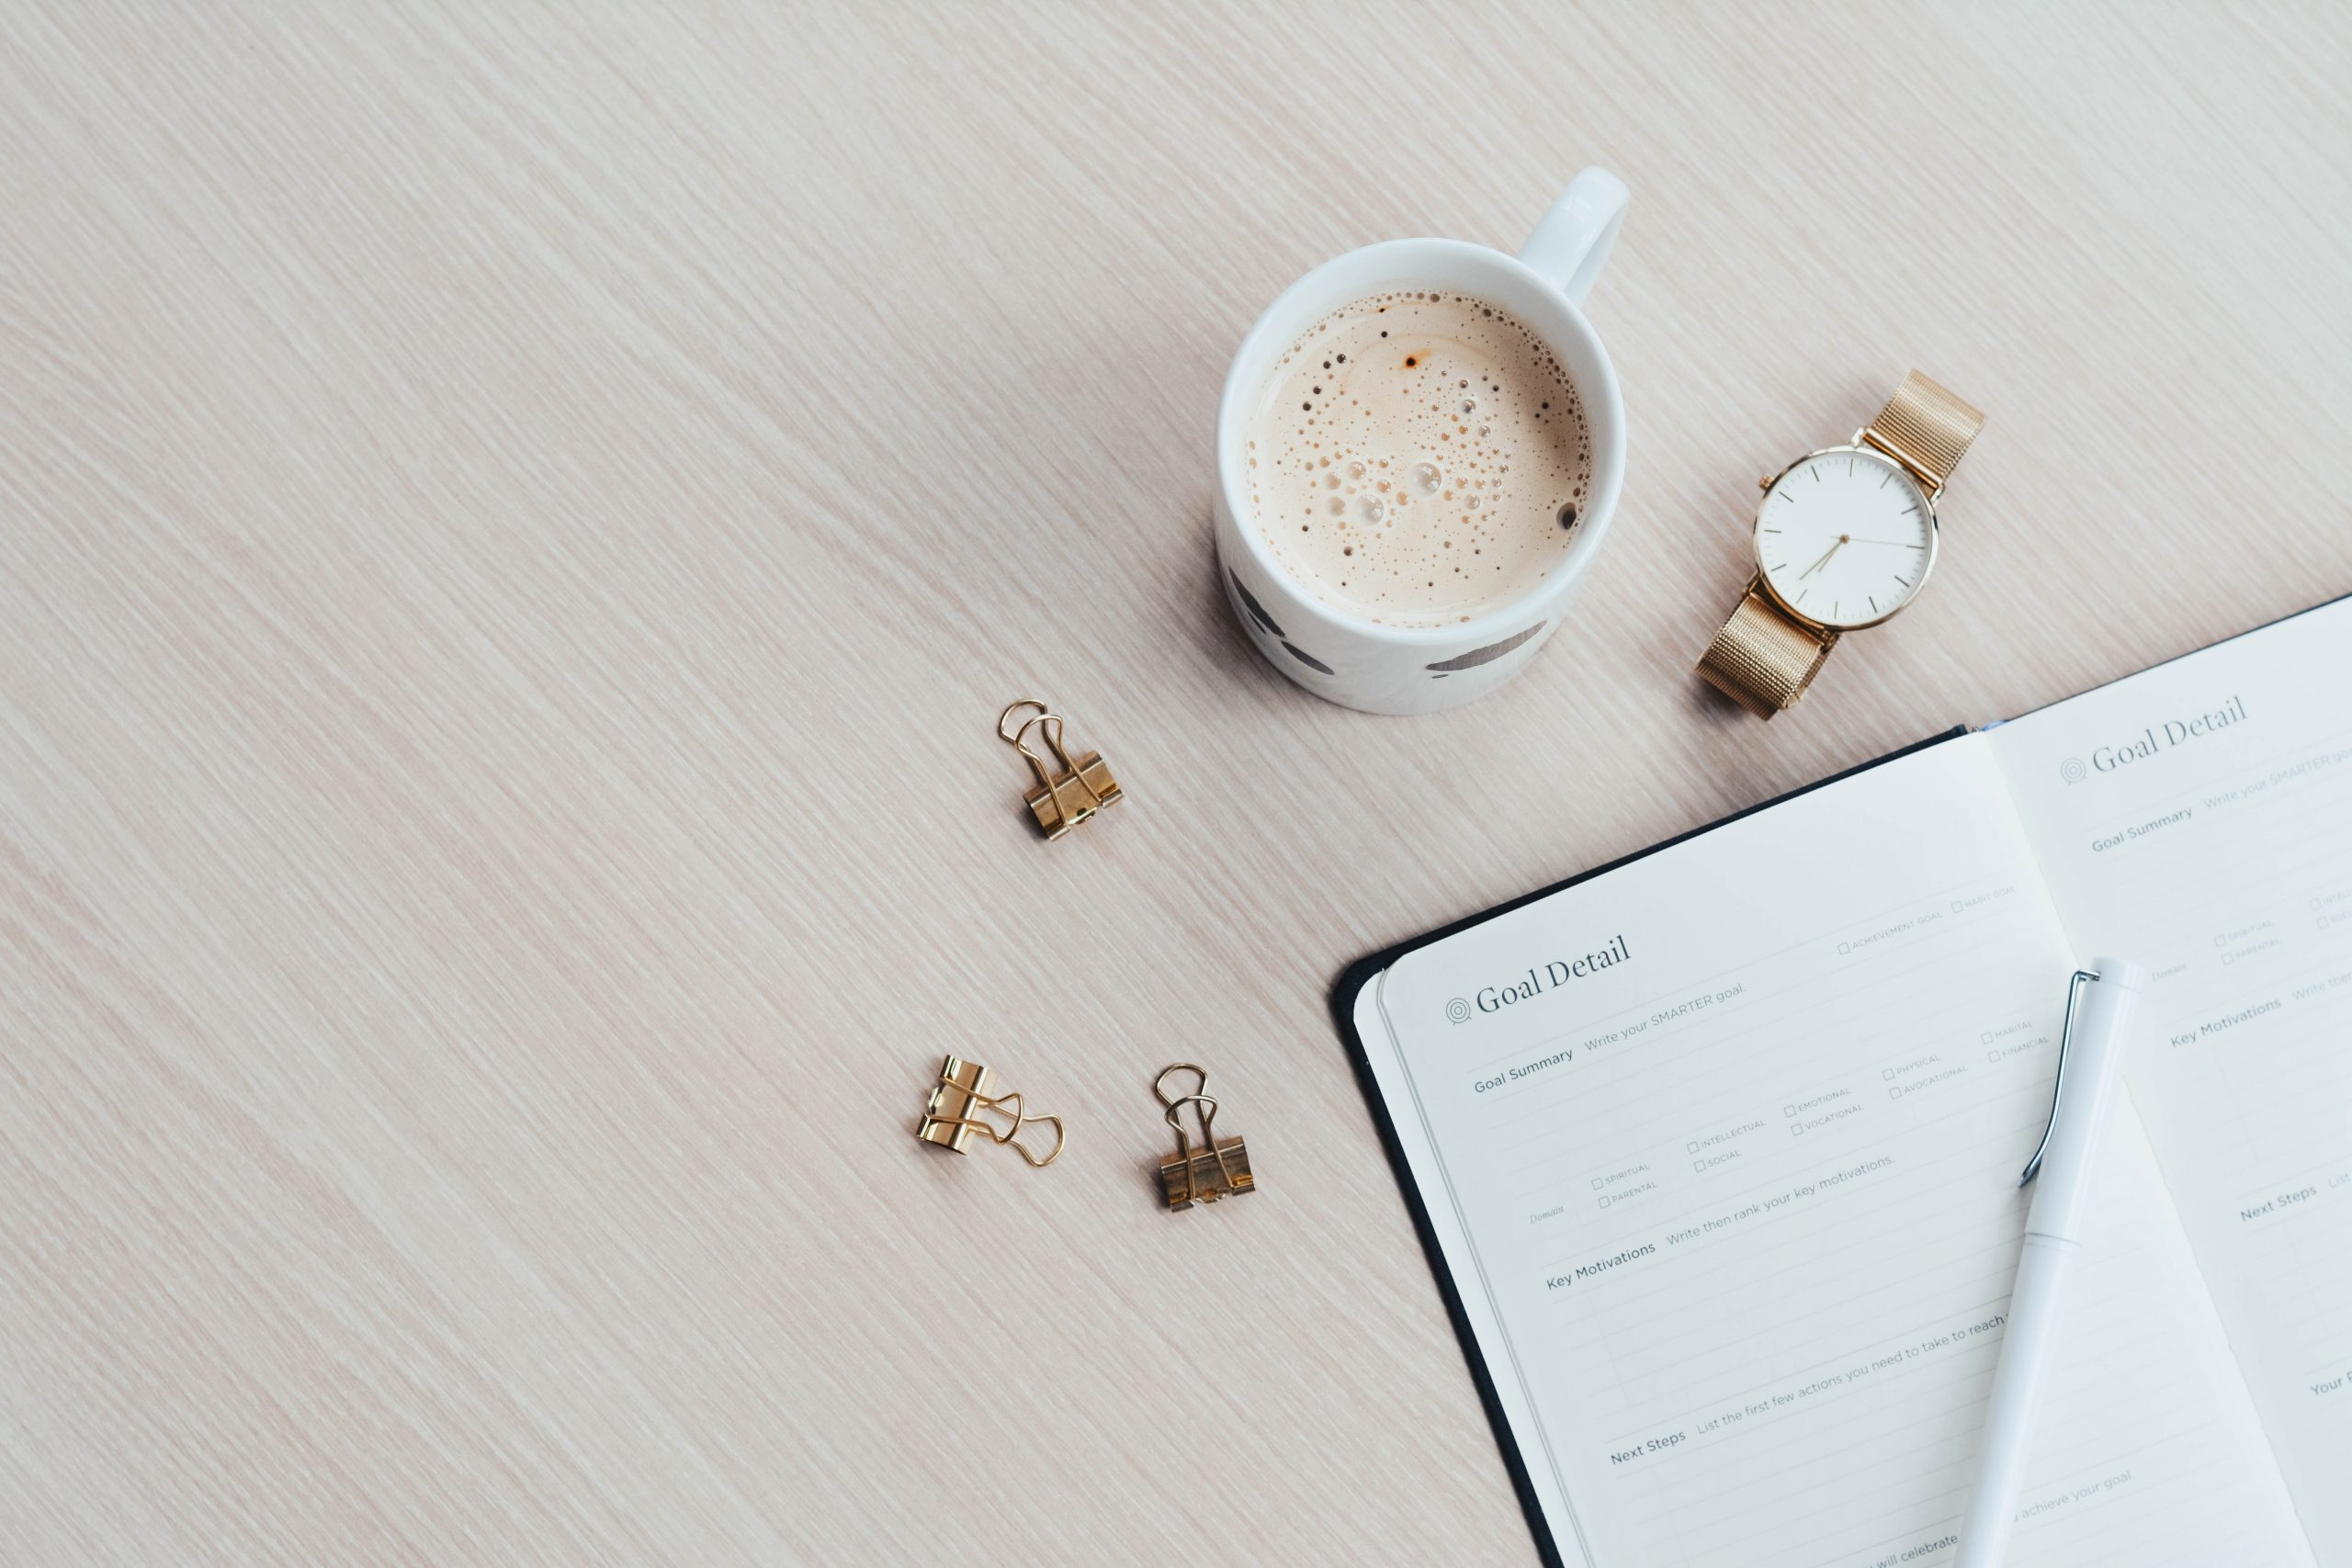 definir objetivos caderno aberto e chavena de cafe